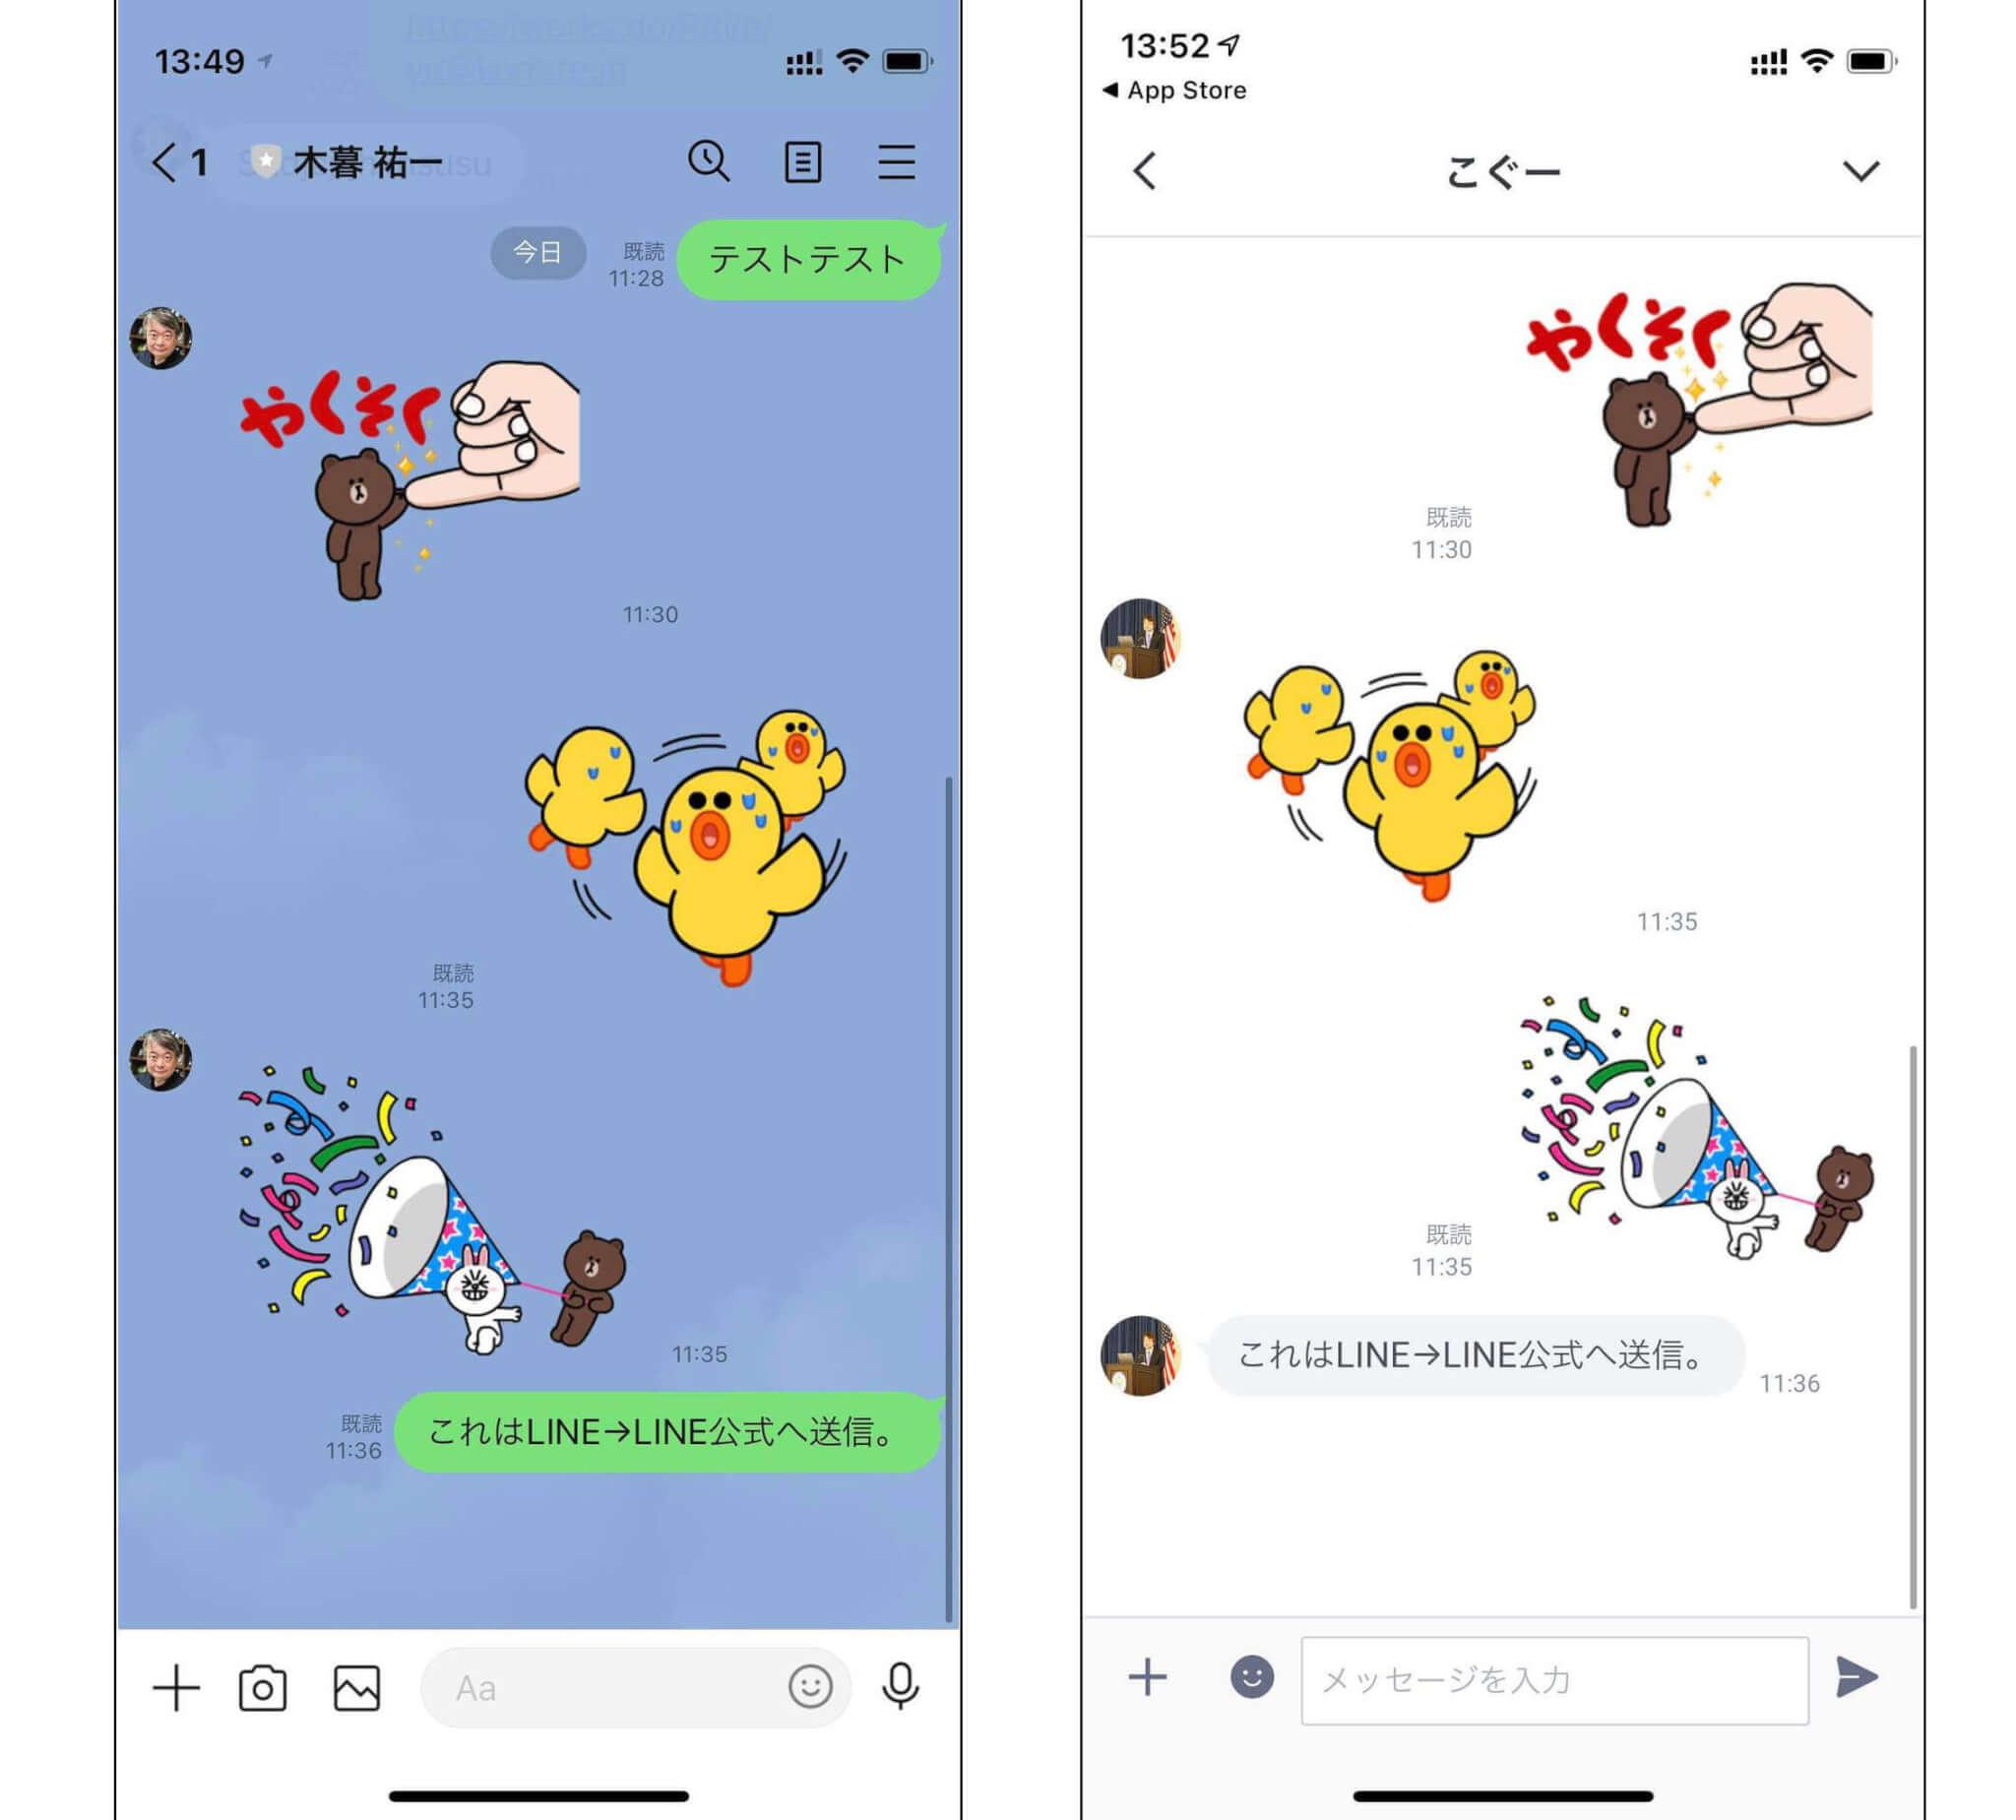 LINE→LINE公式アカウント 双方の画面